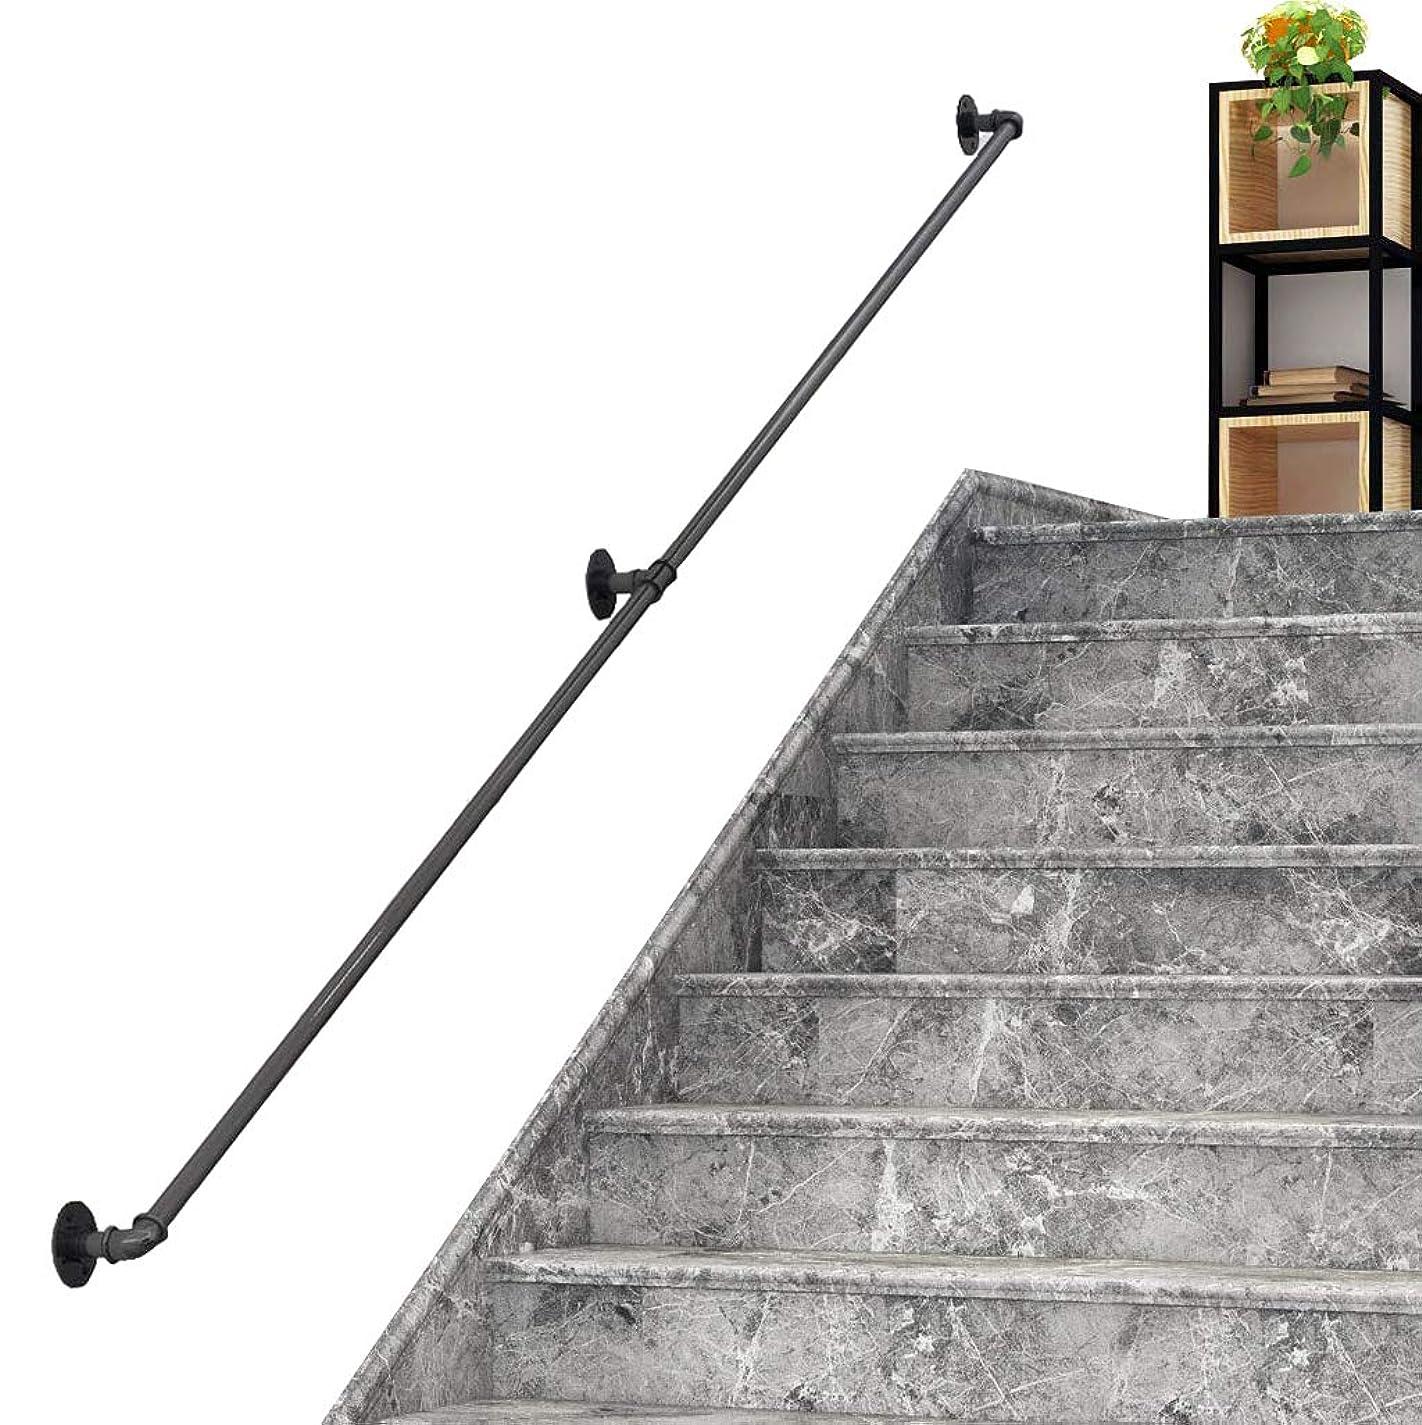 半径シリアル料理手すり 高齢者、子供、障害者、怪我のための1?20フィートの階段手すり壁掛け安全固体鋳鉄パイプ移行手すり手すり安全壁手すり